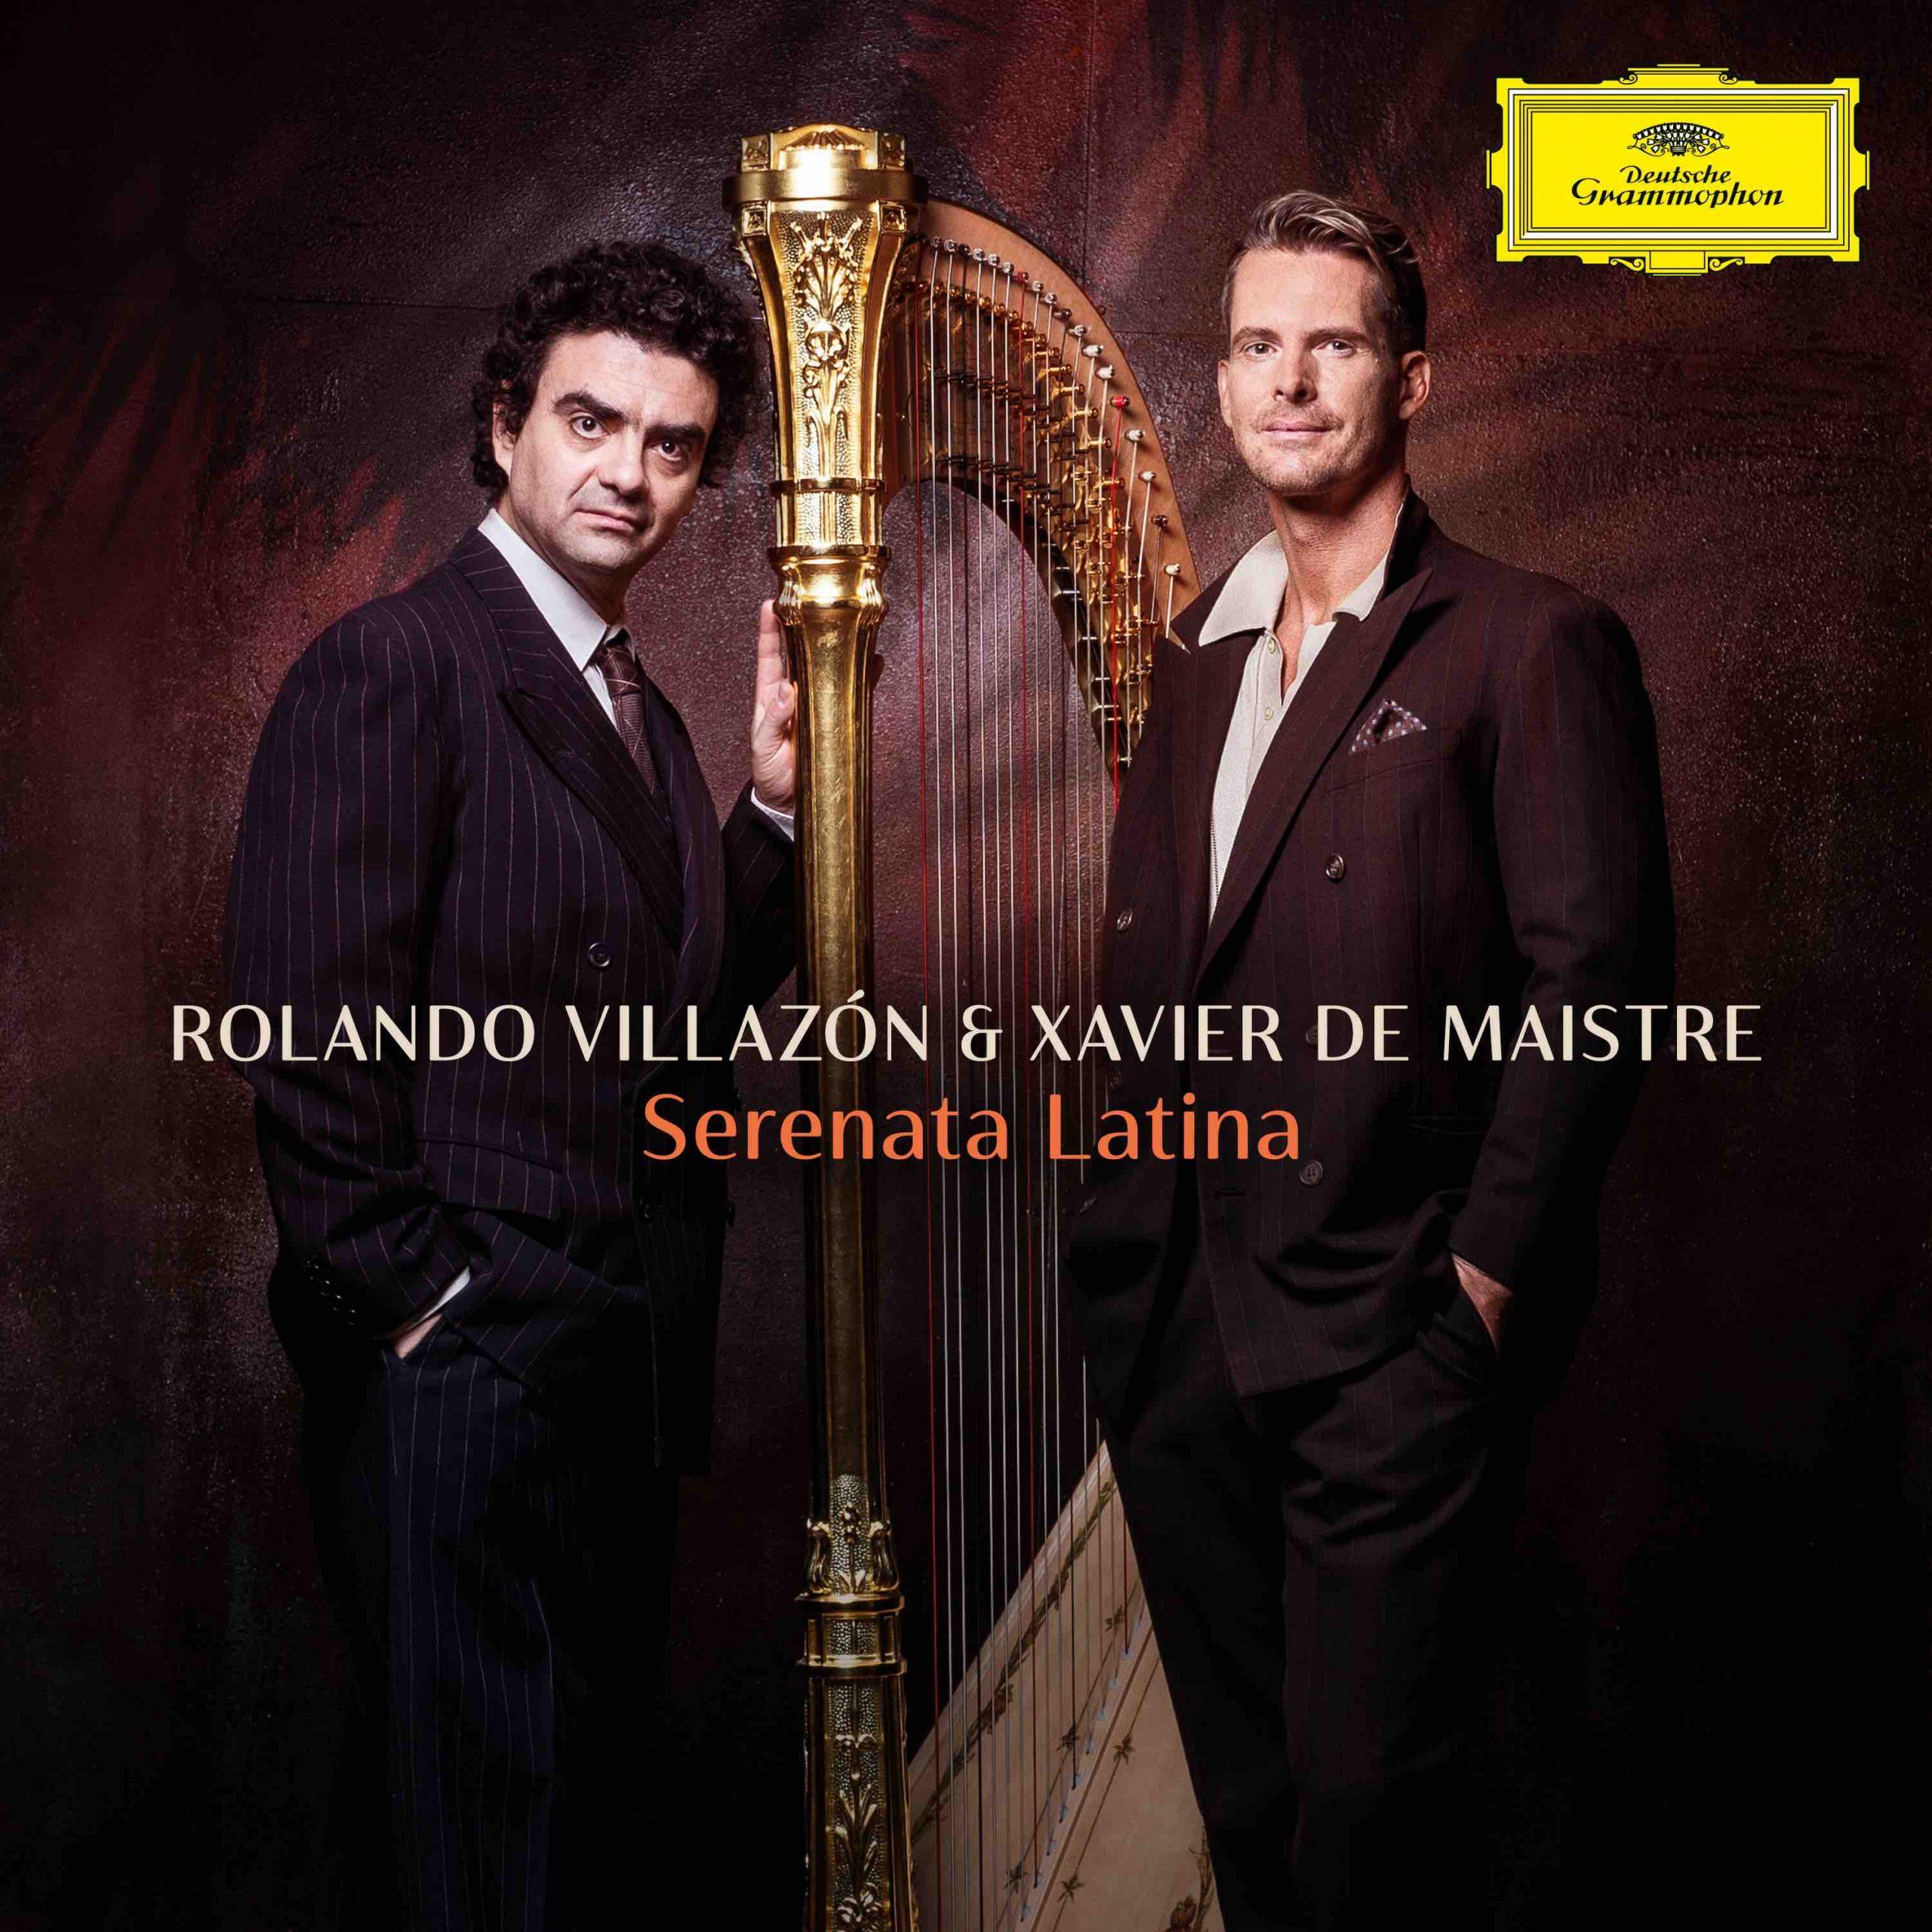 Reseña CD: Serenata latina: Villazón, De Maistre. DGG